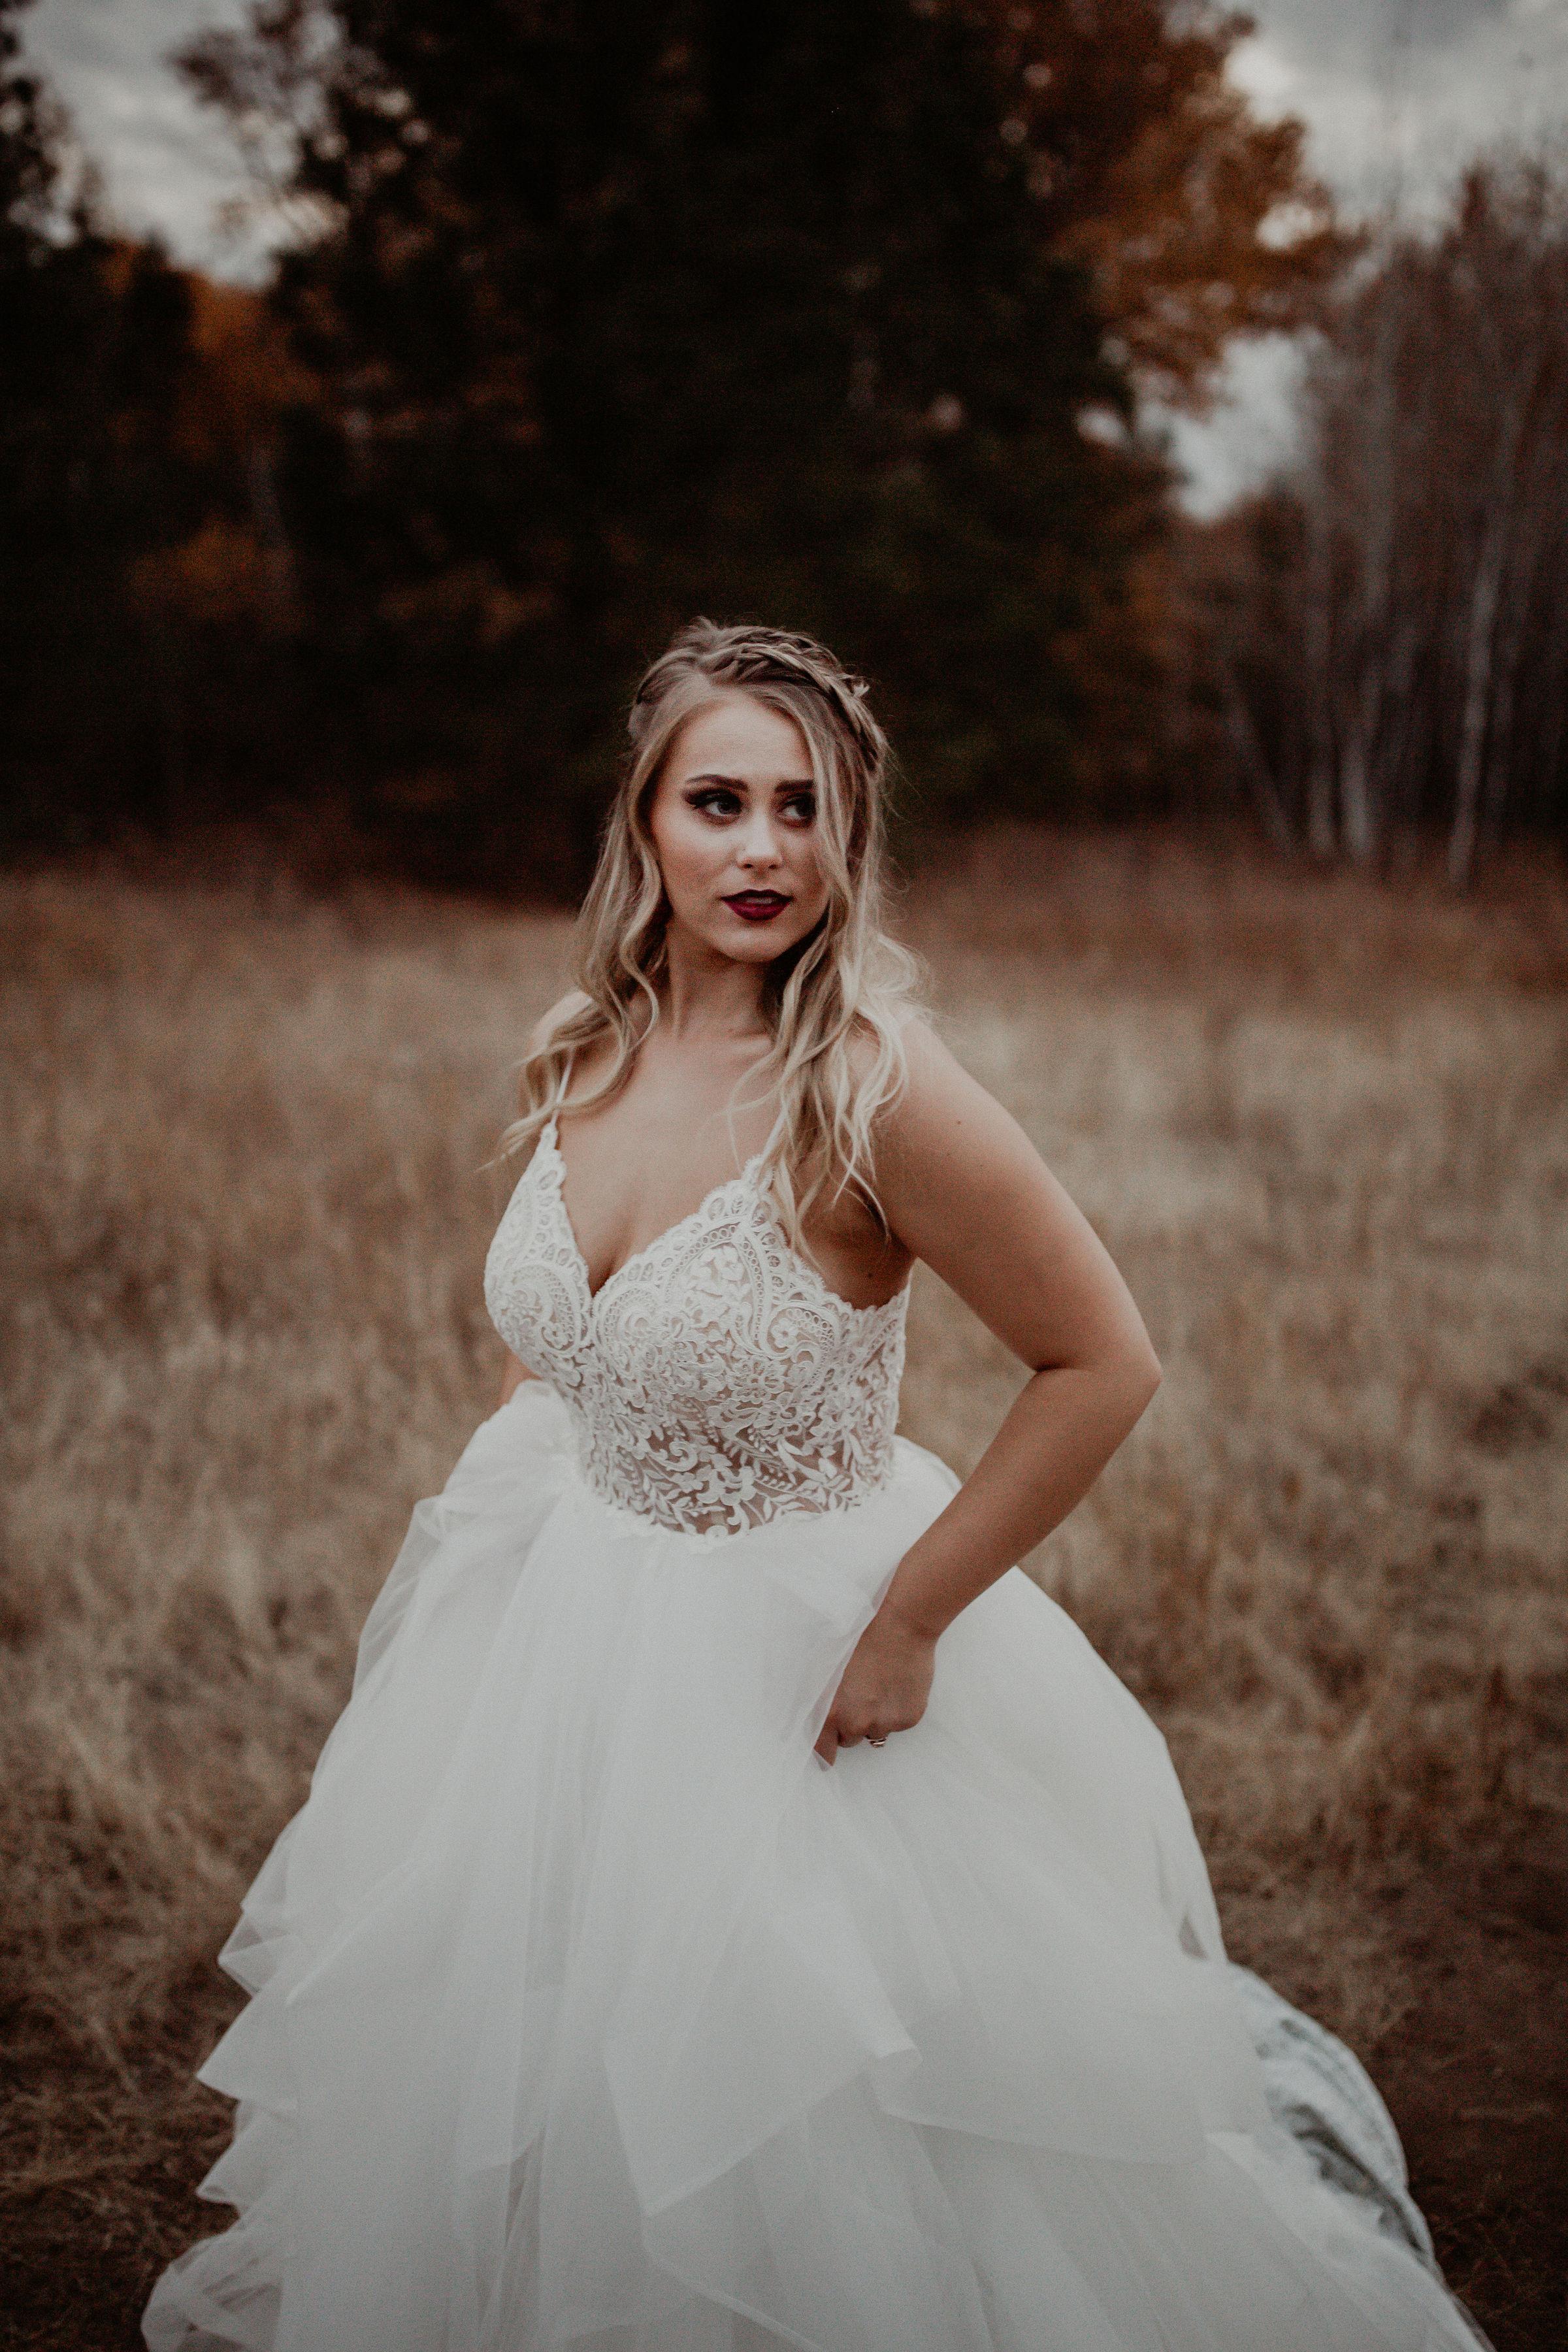 Wedding dress in a Spokane field blonde